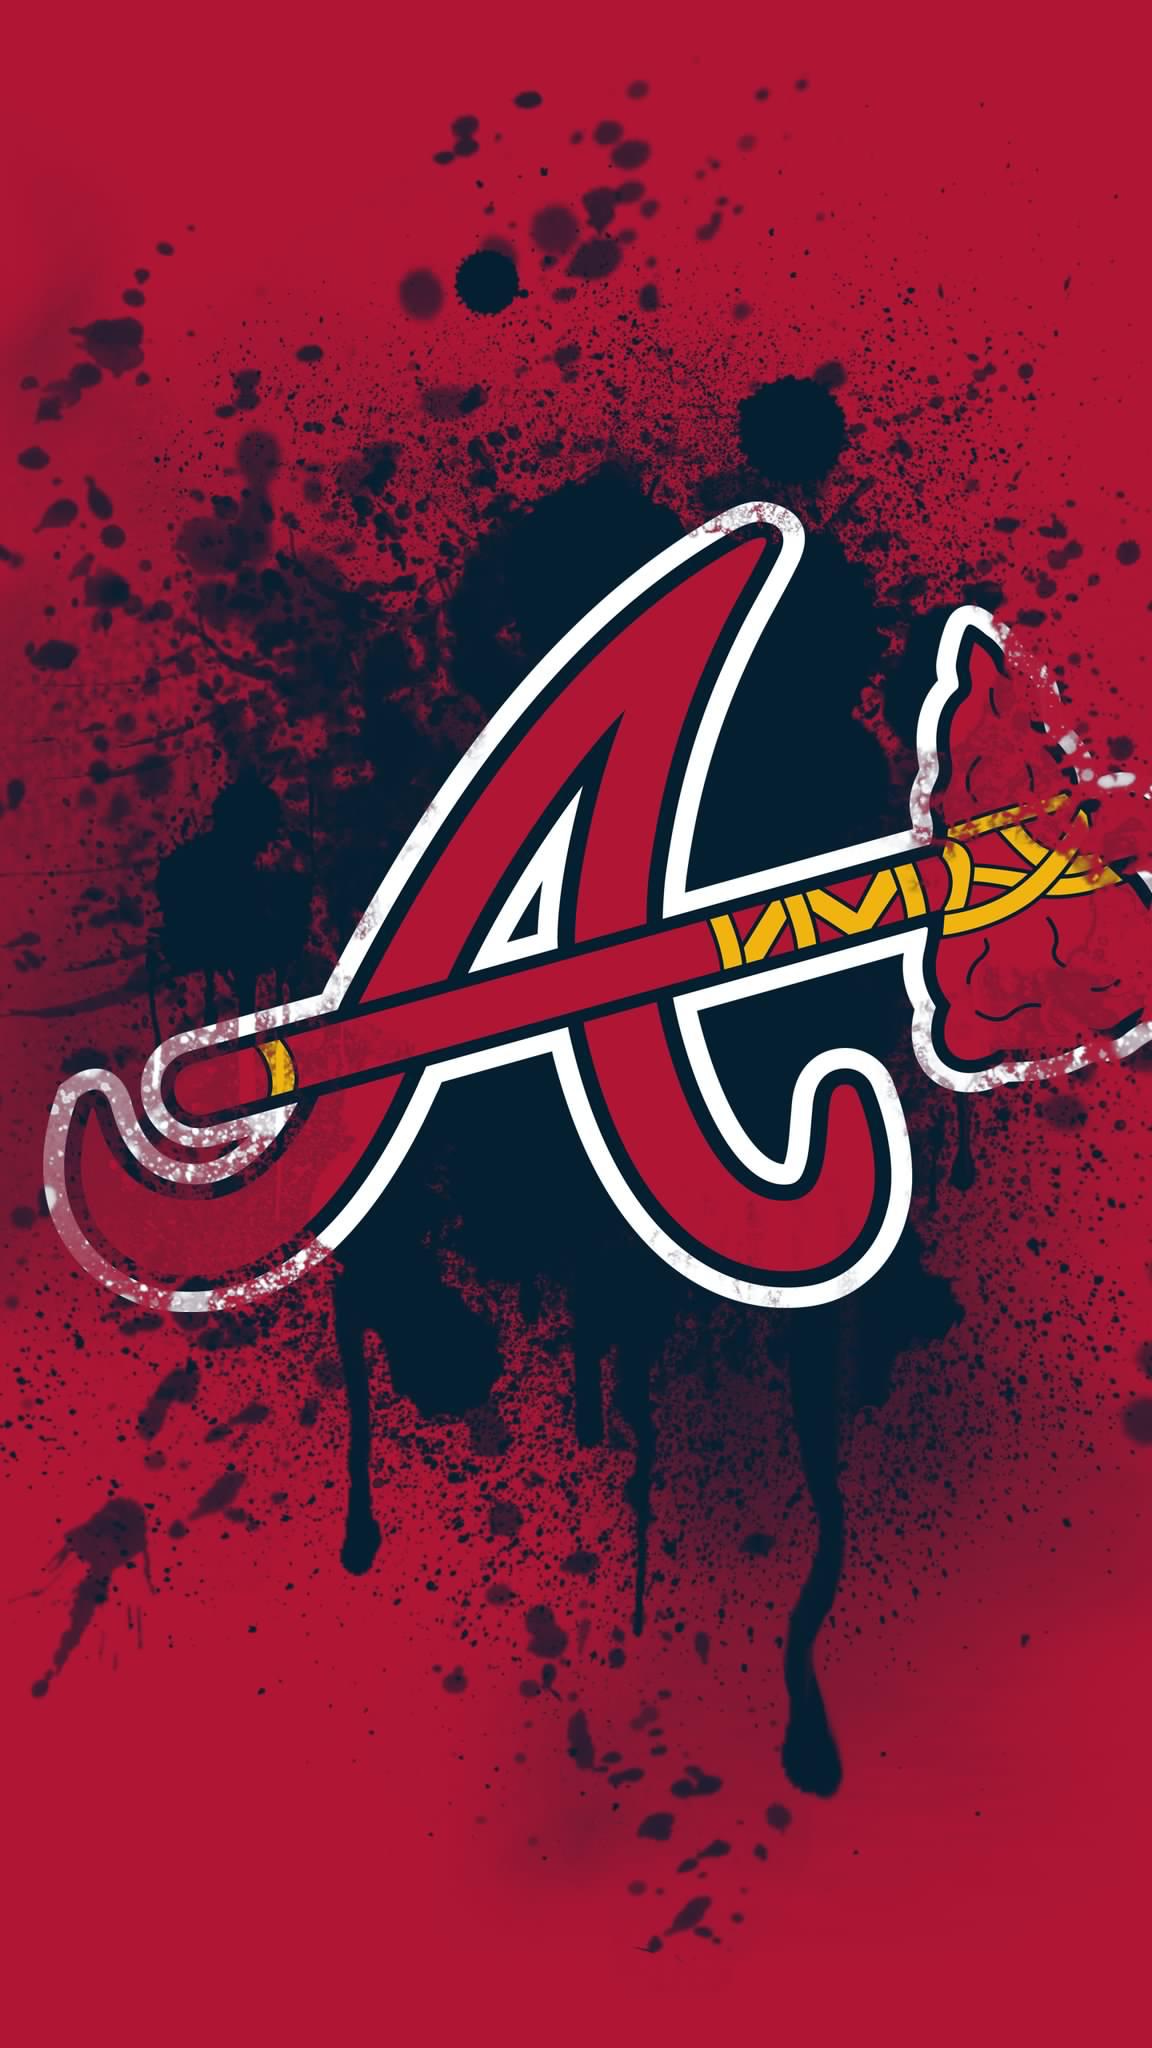 Pin By Ryan Unck On Atlanta Braves In 2020 Atlanta Braves Wallpaper Atlanta Braves Logo Brave Wallpaper